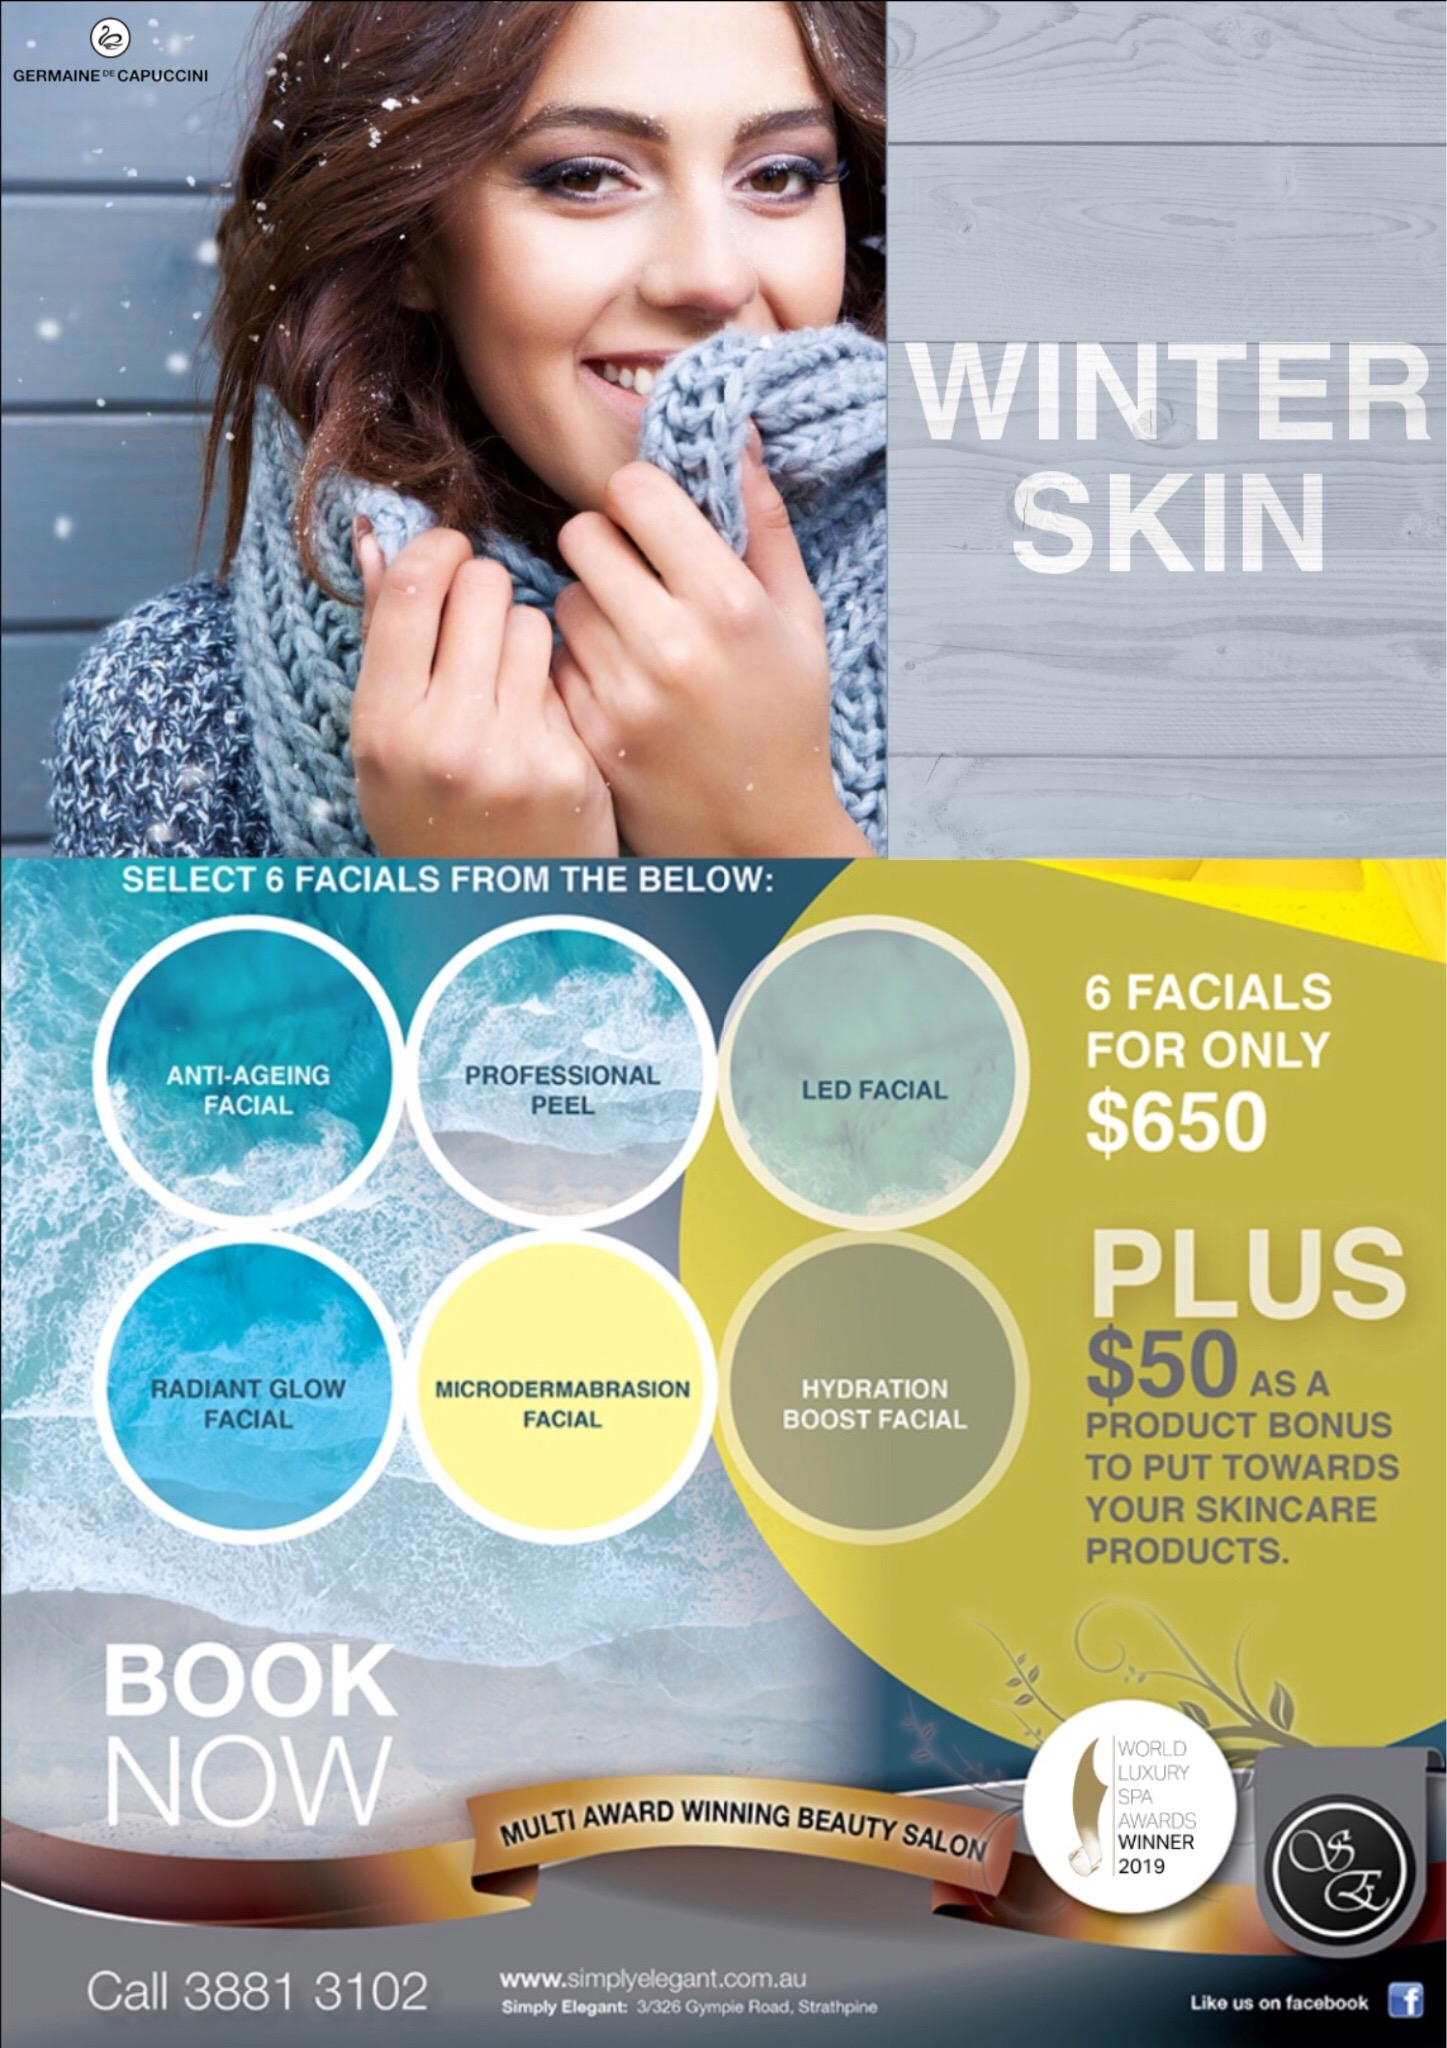 NEW Winter Skin Program